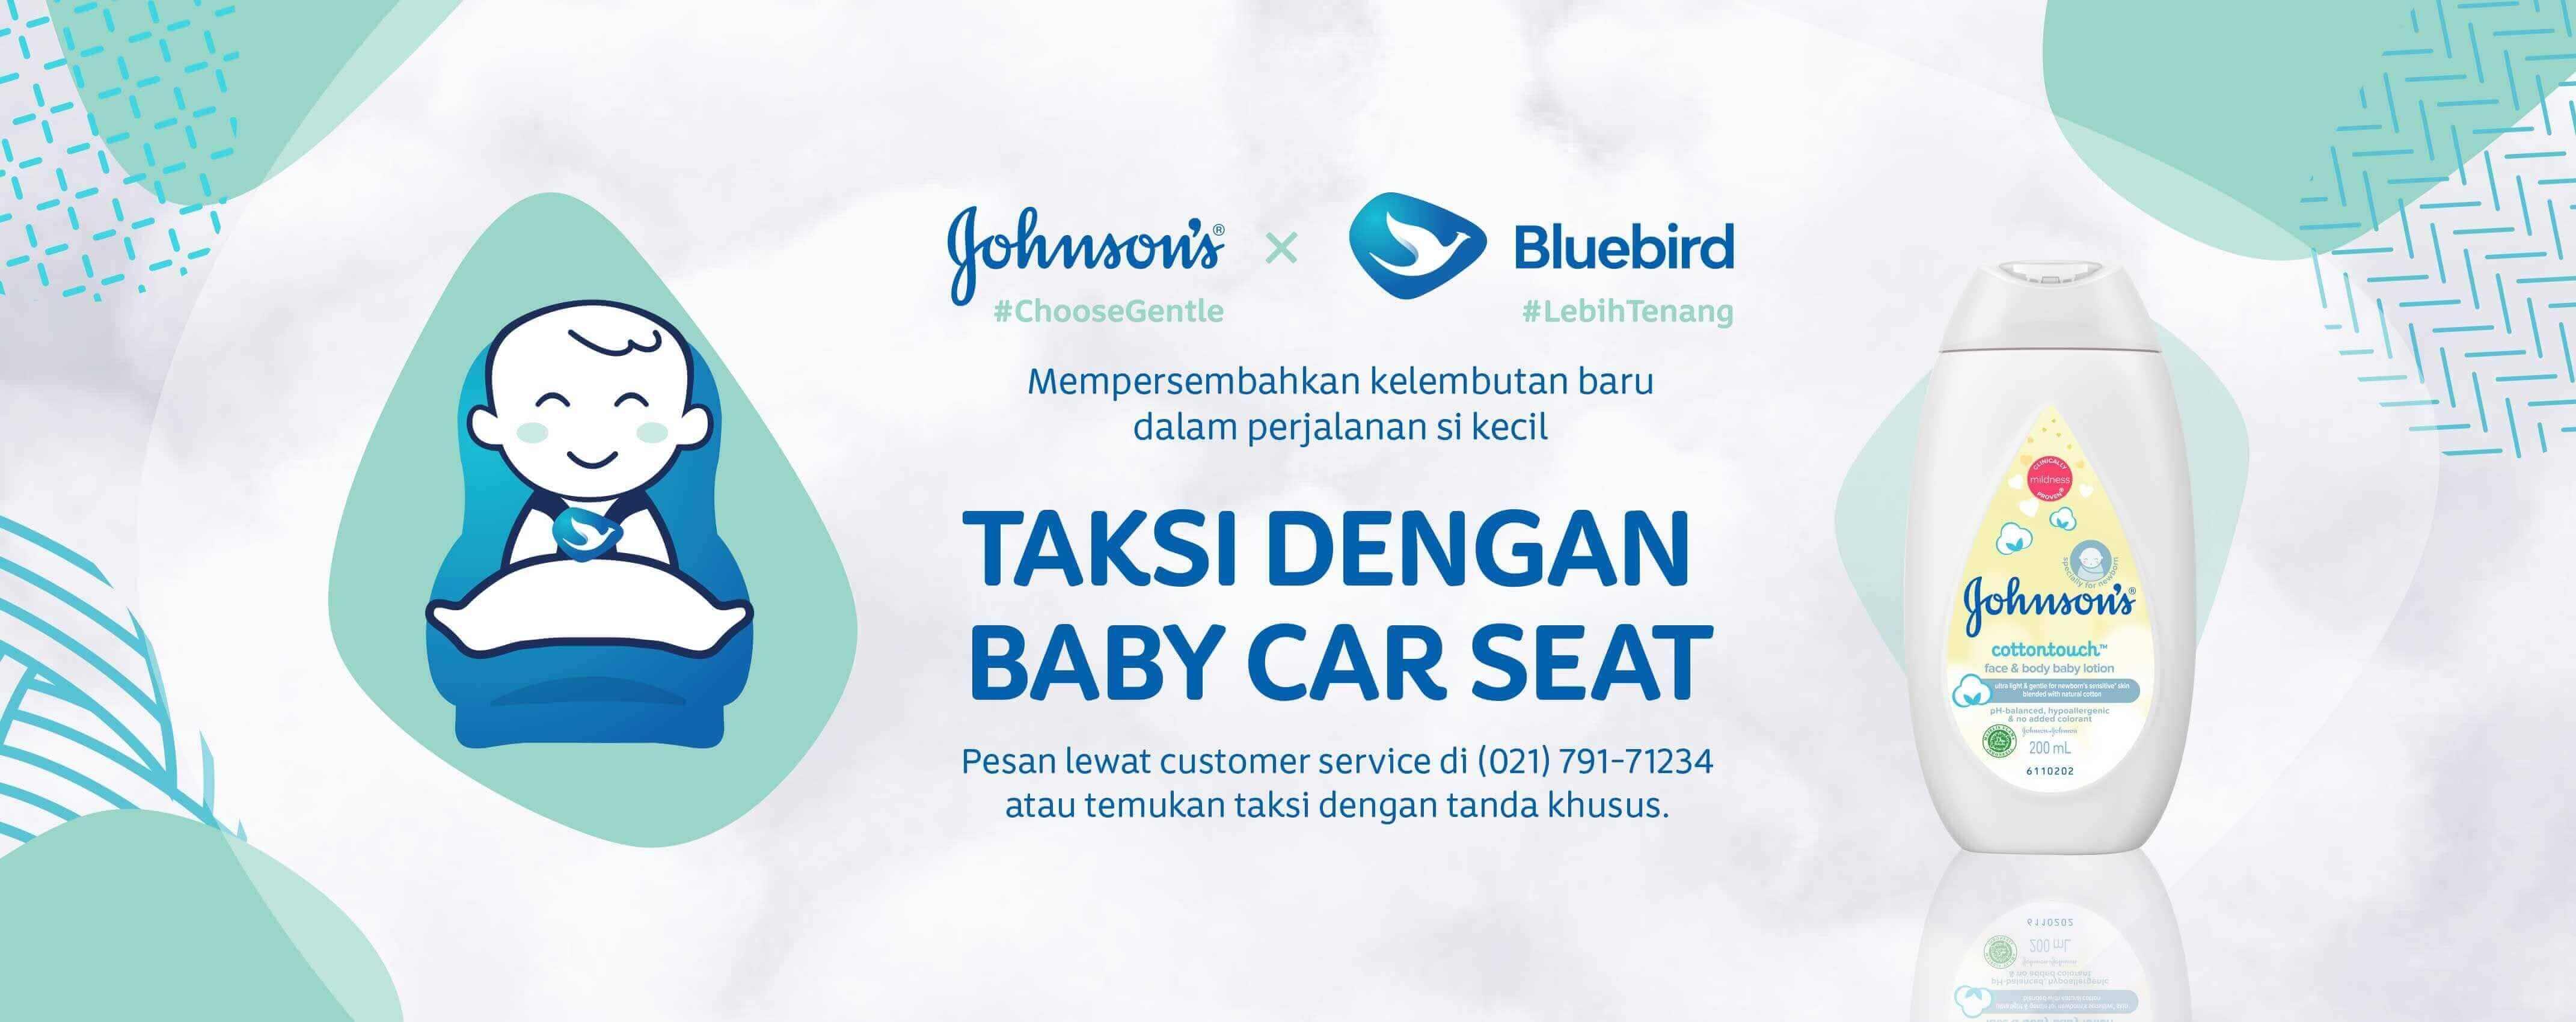 homepage-banner-blue-bird.jpg